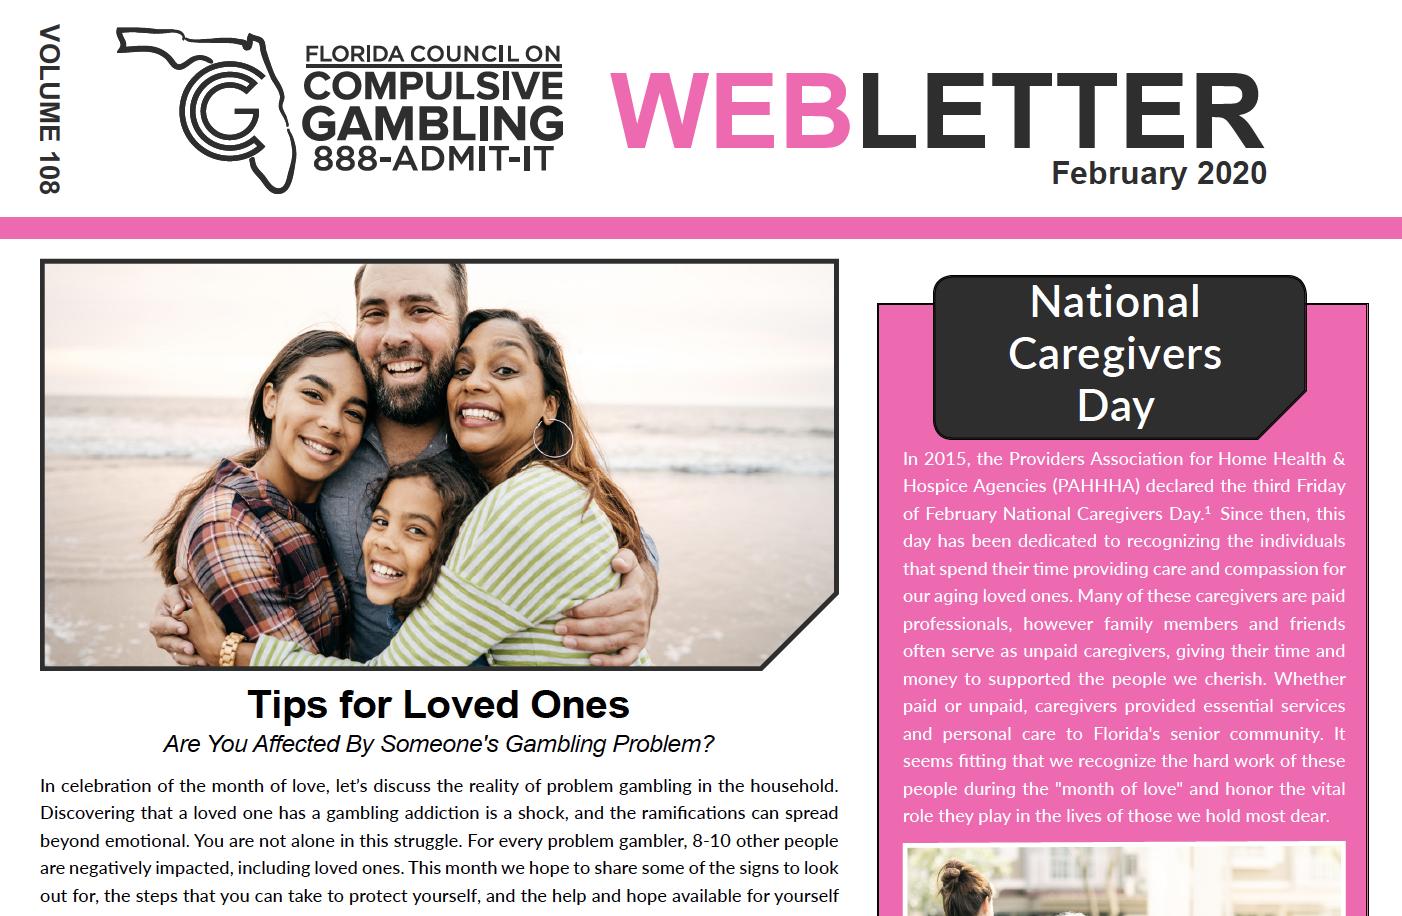 February Webletter 2020